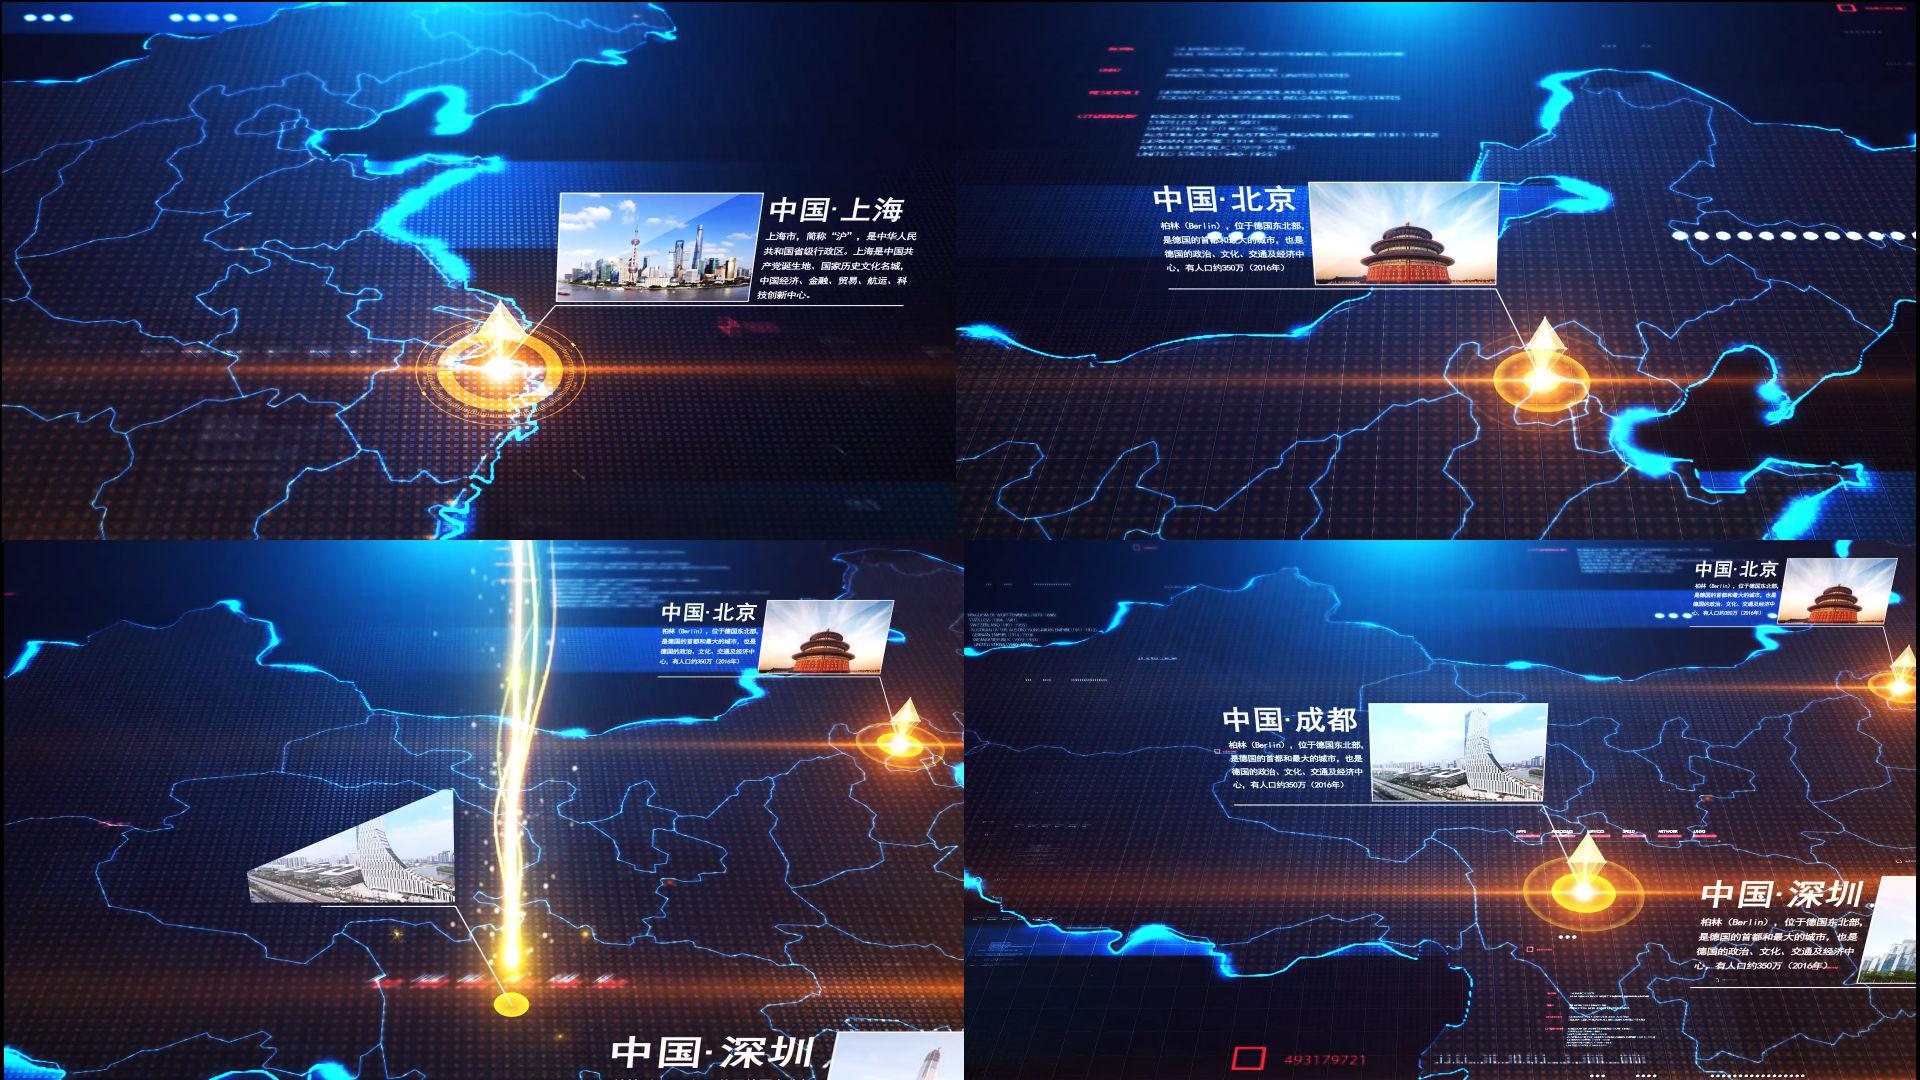 图文科技地图模板